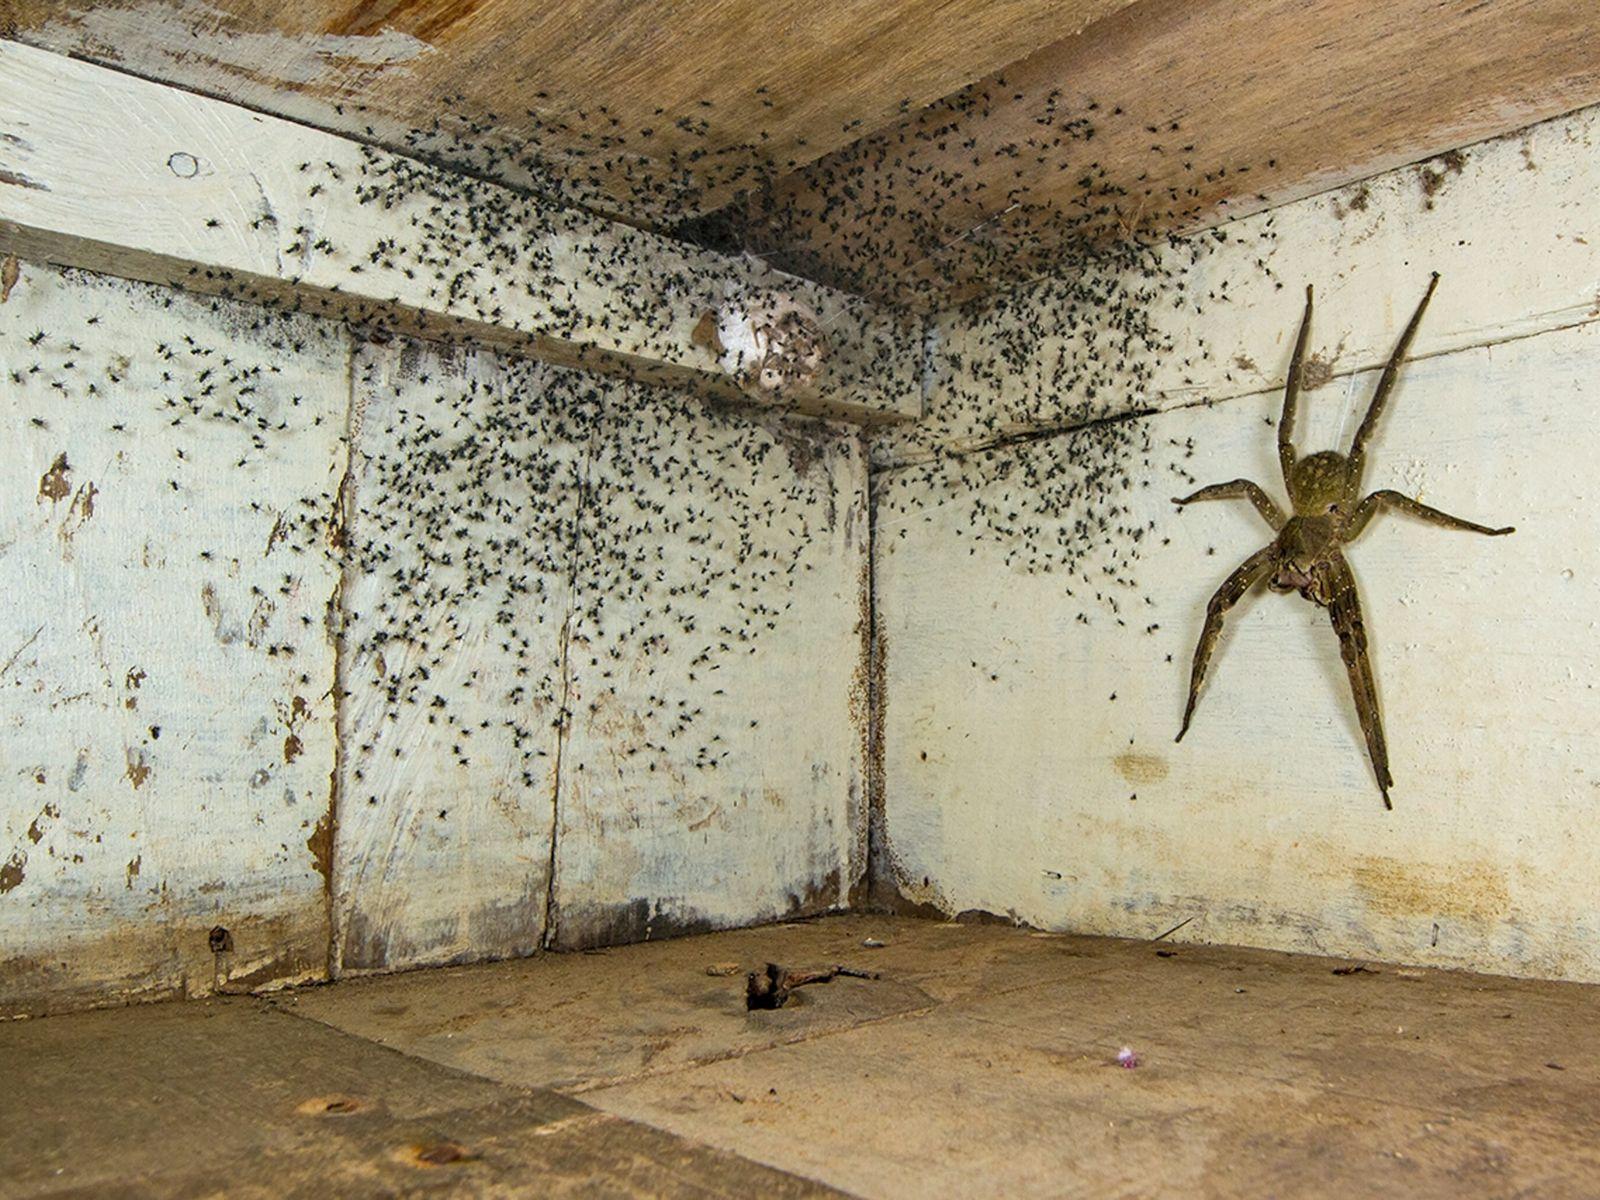 foto de uma aranha armadeira protegendo sua cria, que são milhares de pequenas aranhas